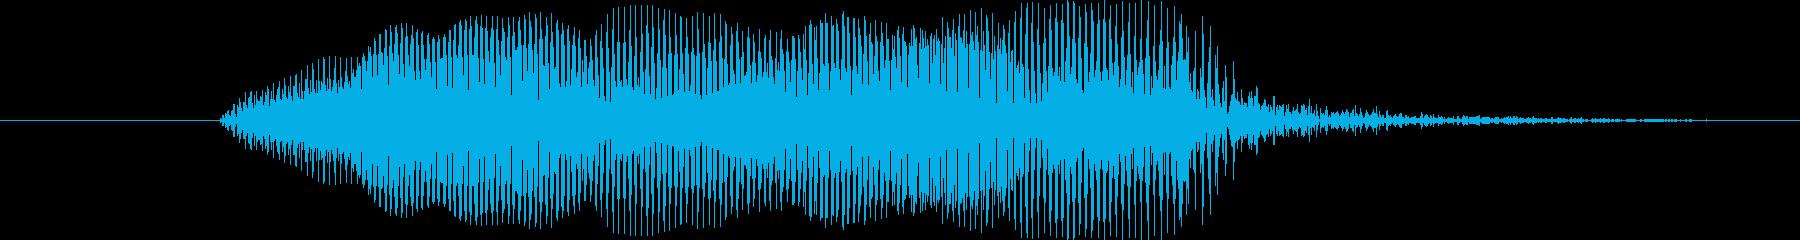 鳴き声 男性の恐ろしい悲鳴02の再生済みの波形